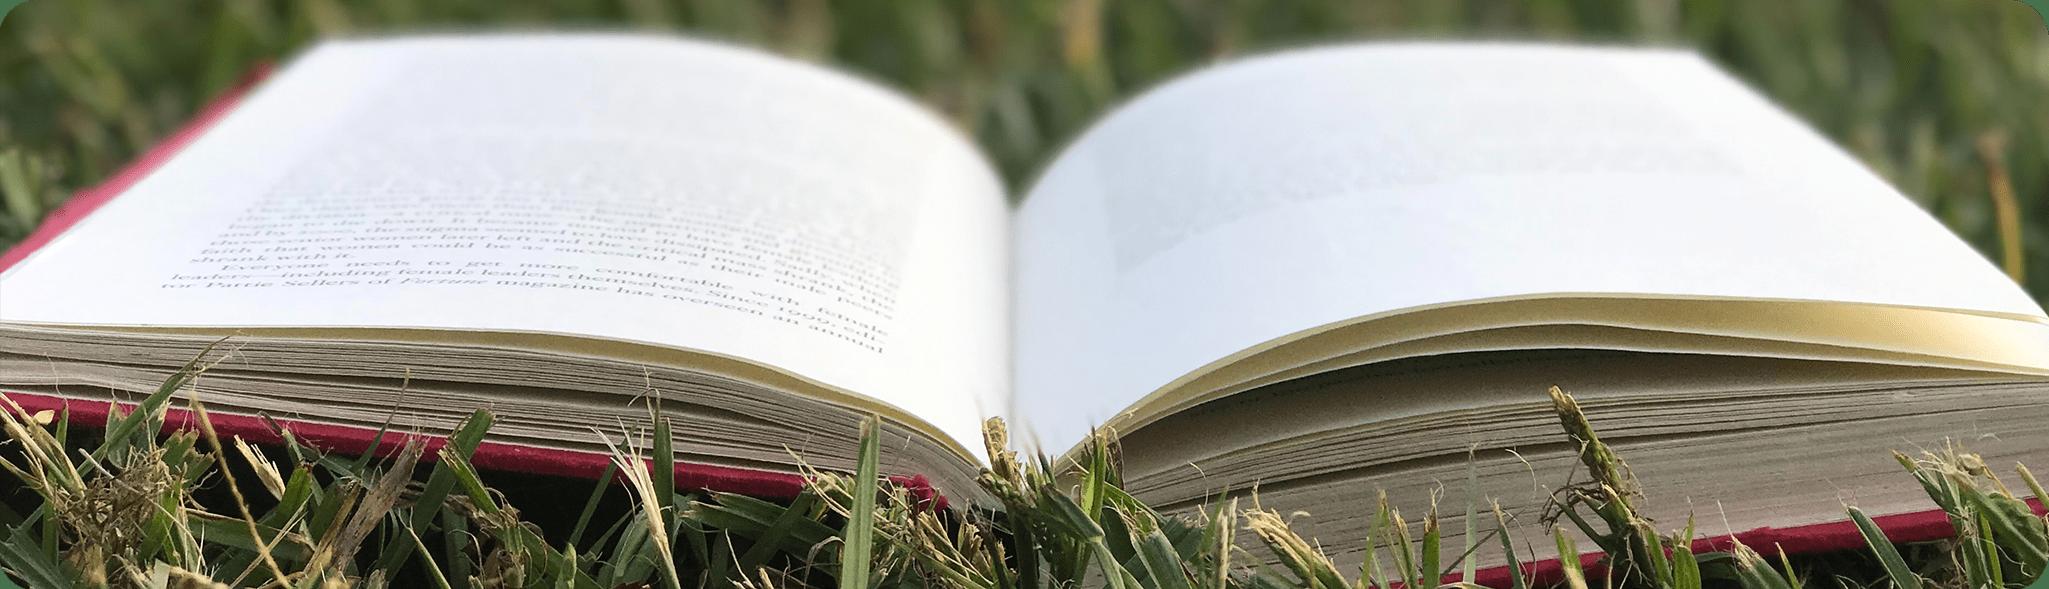 Sommerens romaner